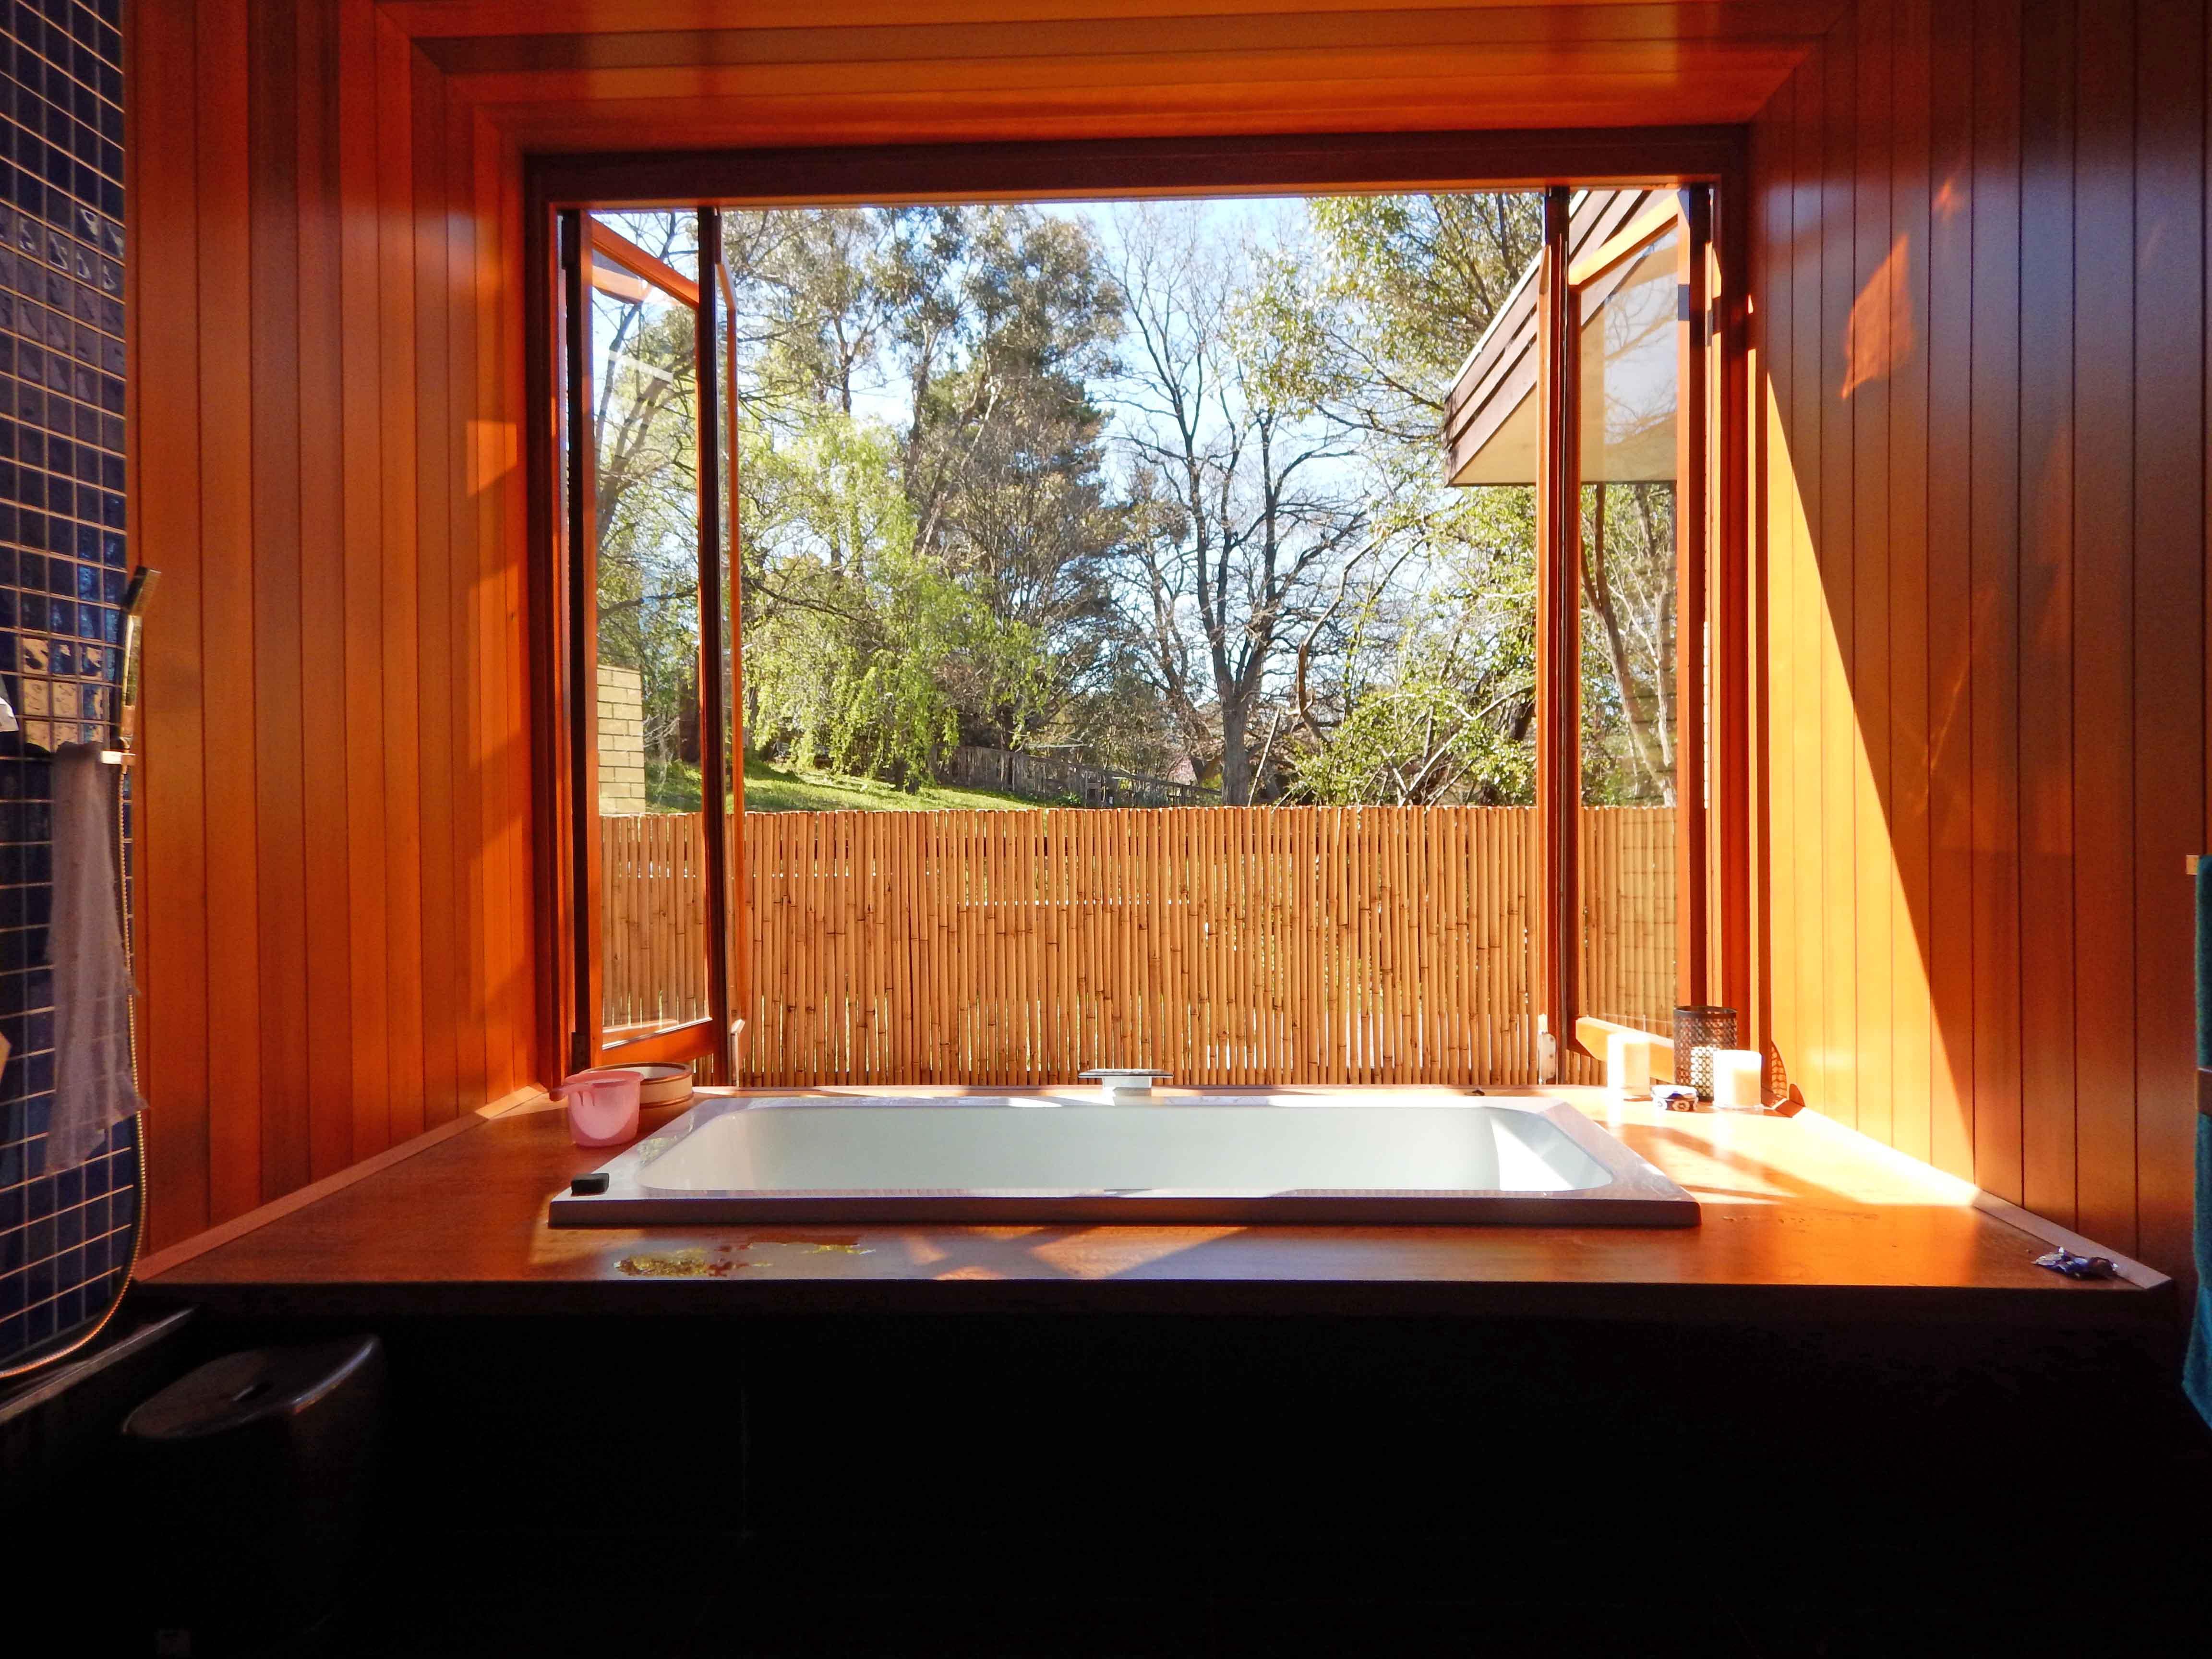 moore-bathroom-window-interior